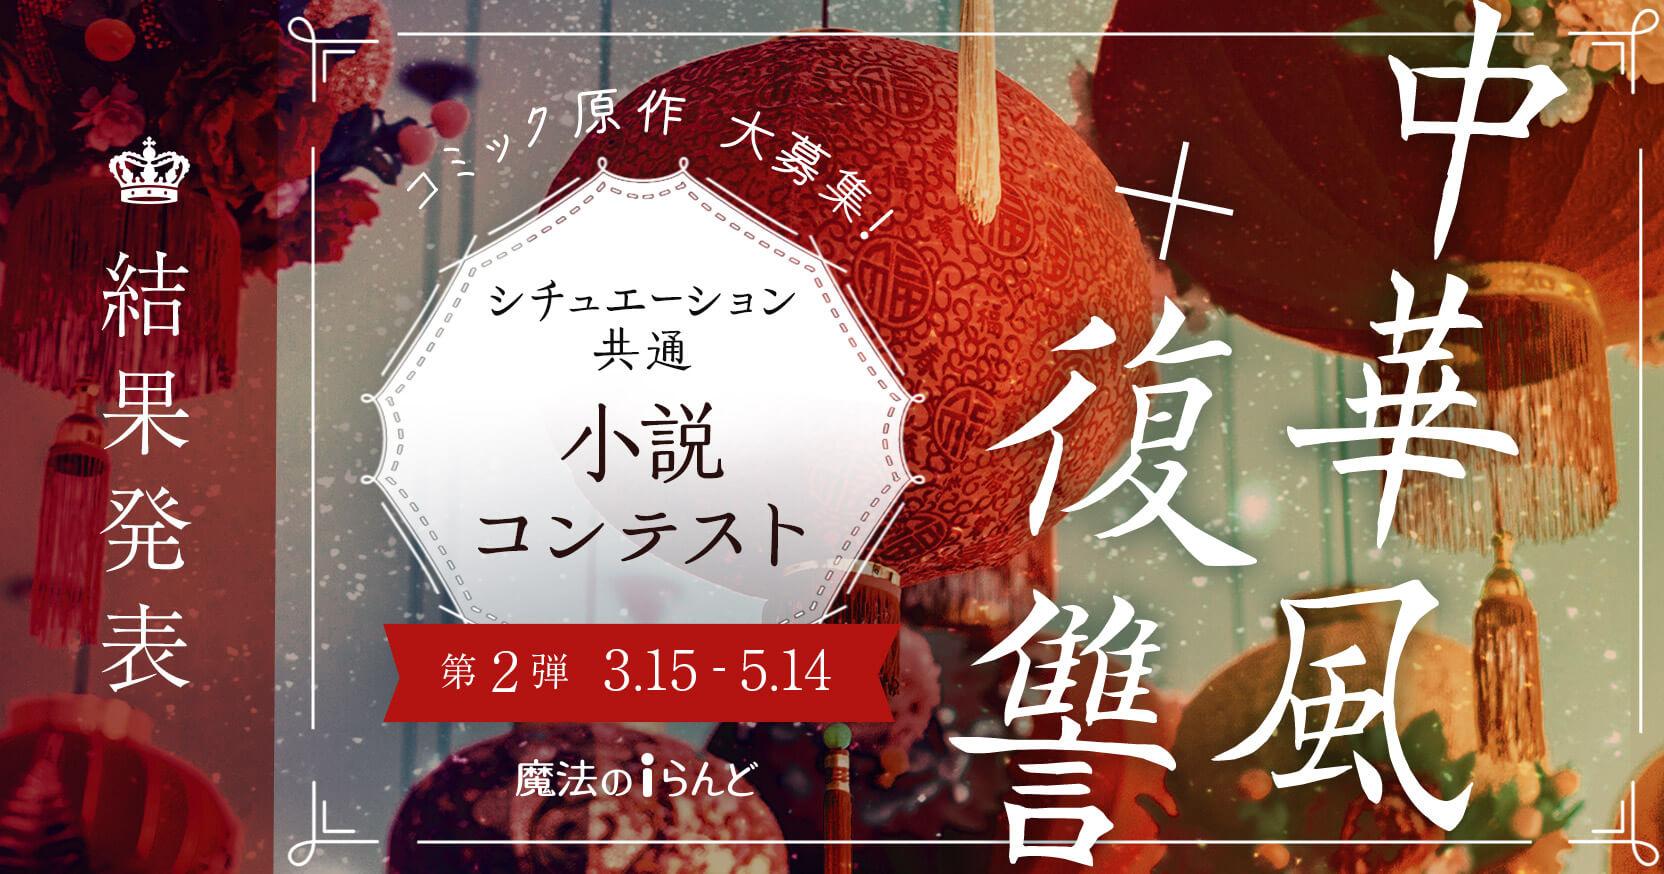 シチュエーション共通小説コンテスト 第2弾 中華風+復讐 結果発表